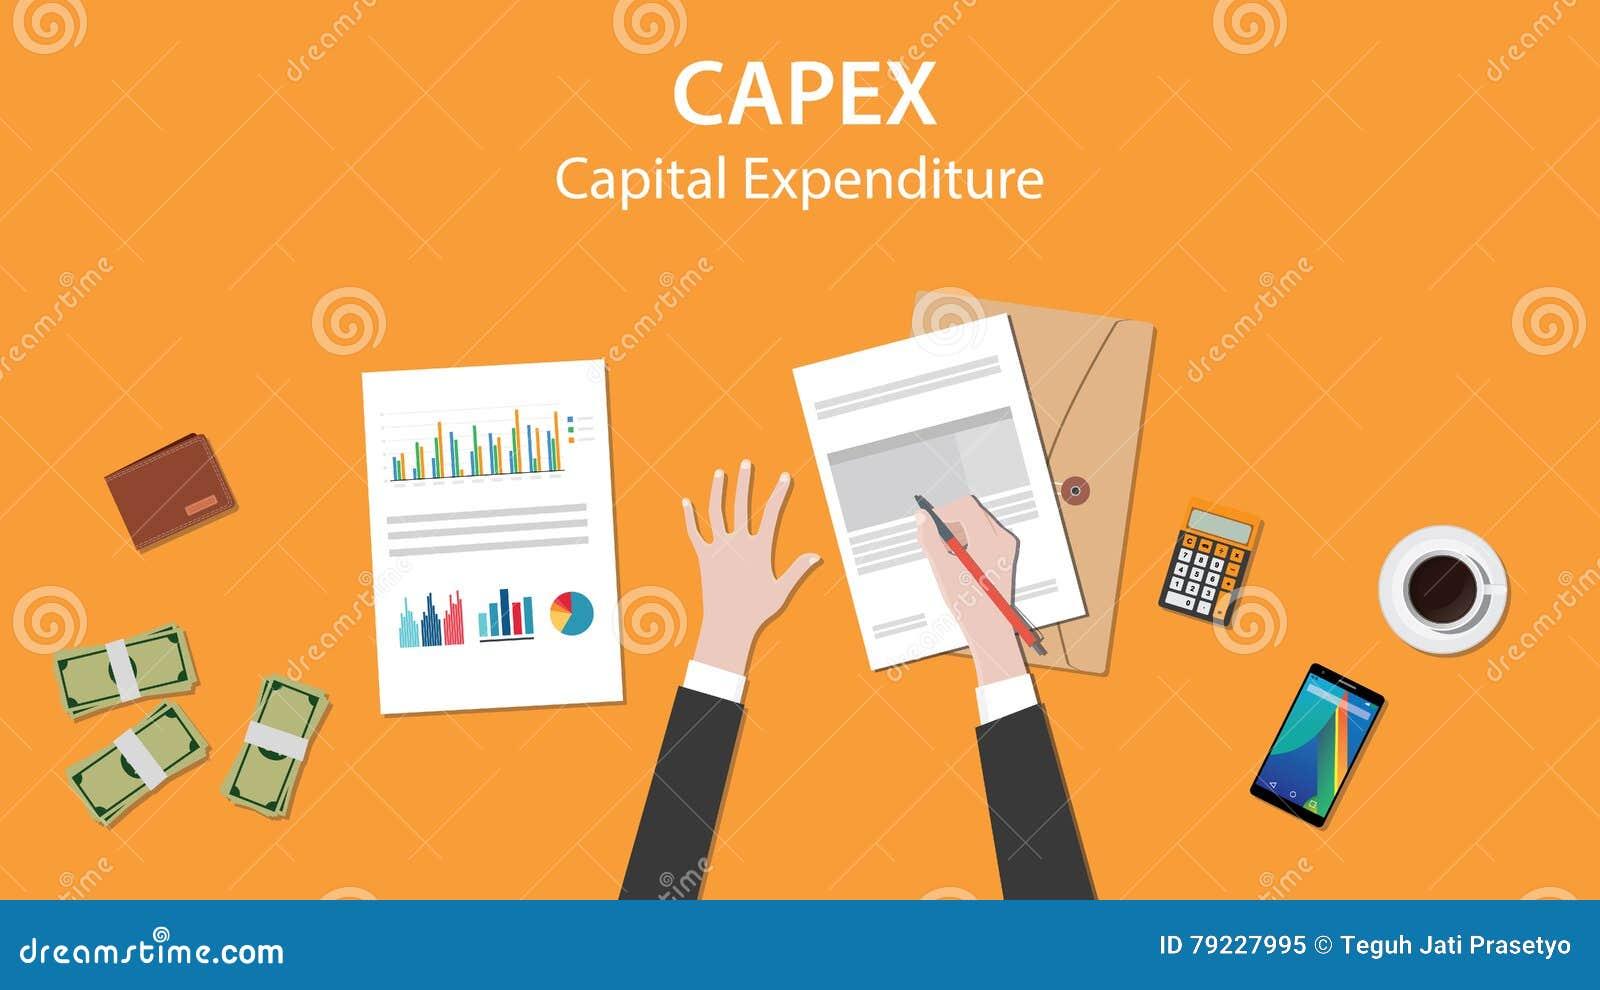 Ejemplo De Los Gastos En Inversión De Capital De Capex Con El Hombre ...